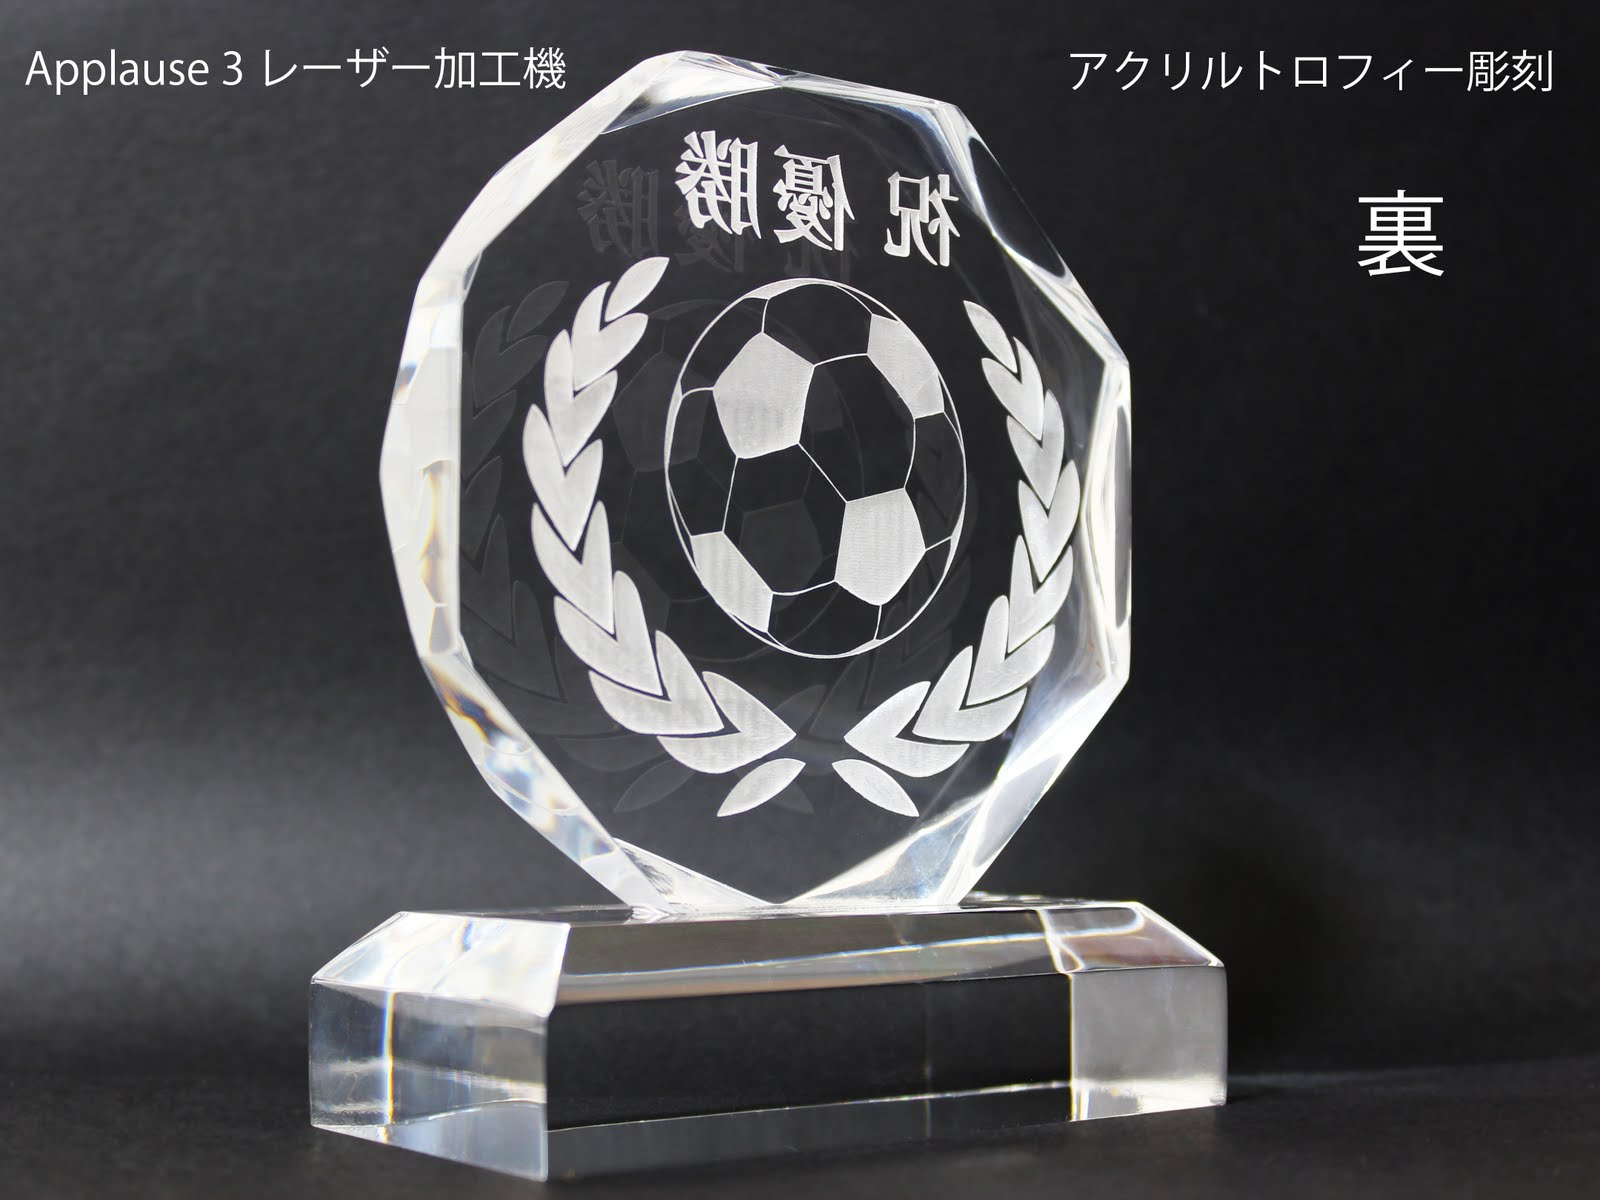 サッカーボールトロフィー作成――彫刻面イメージ・リフレクション